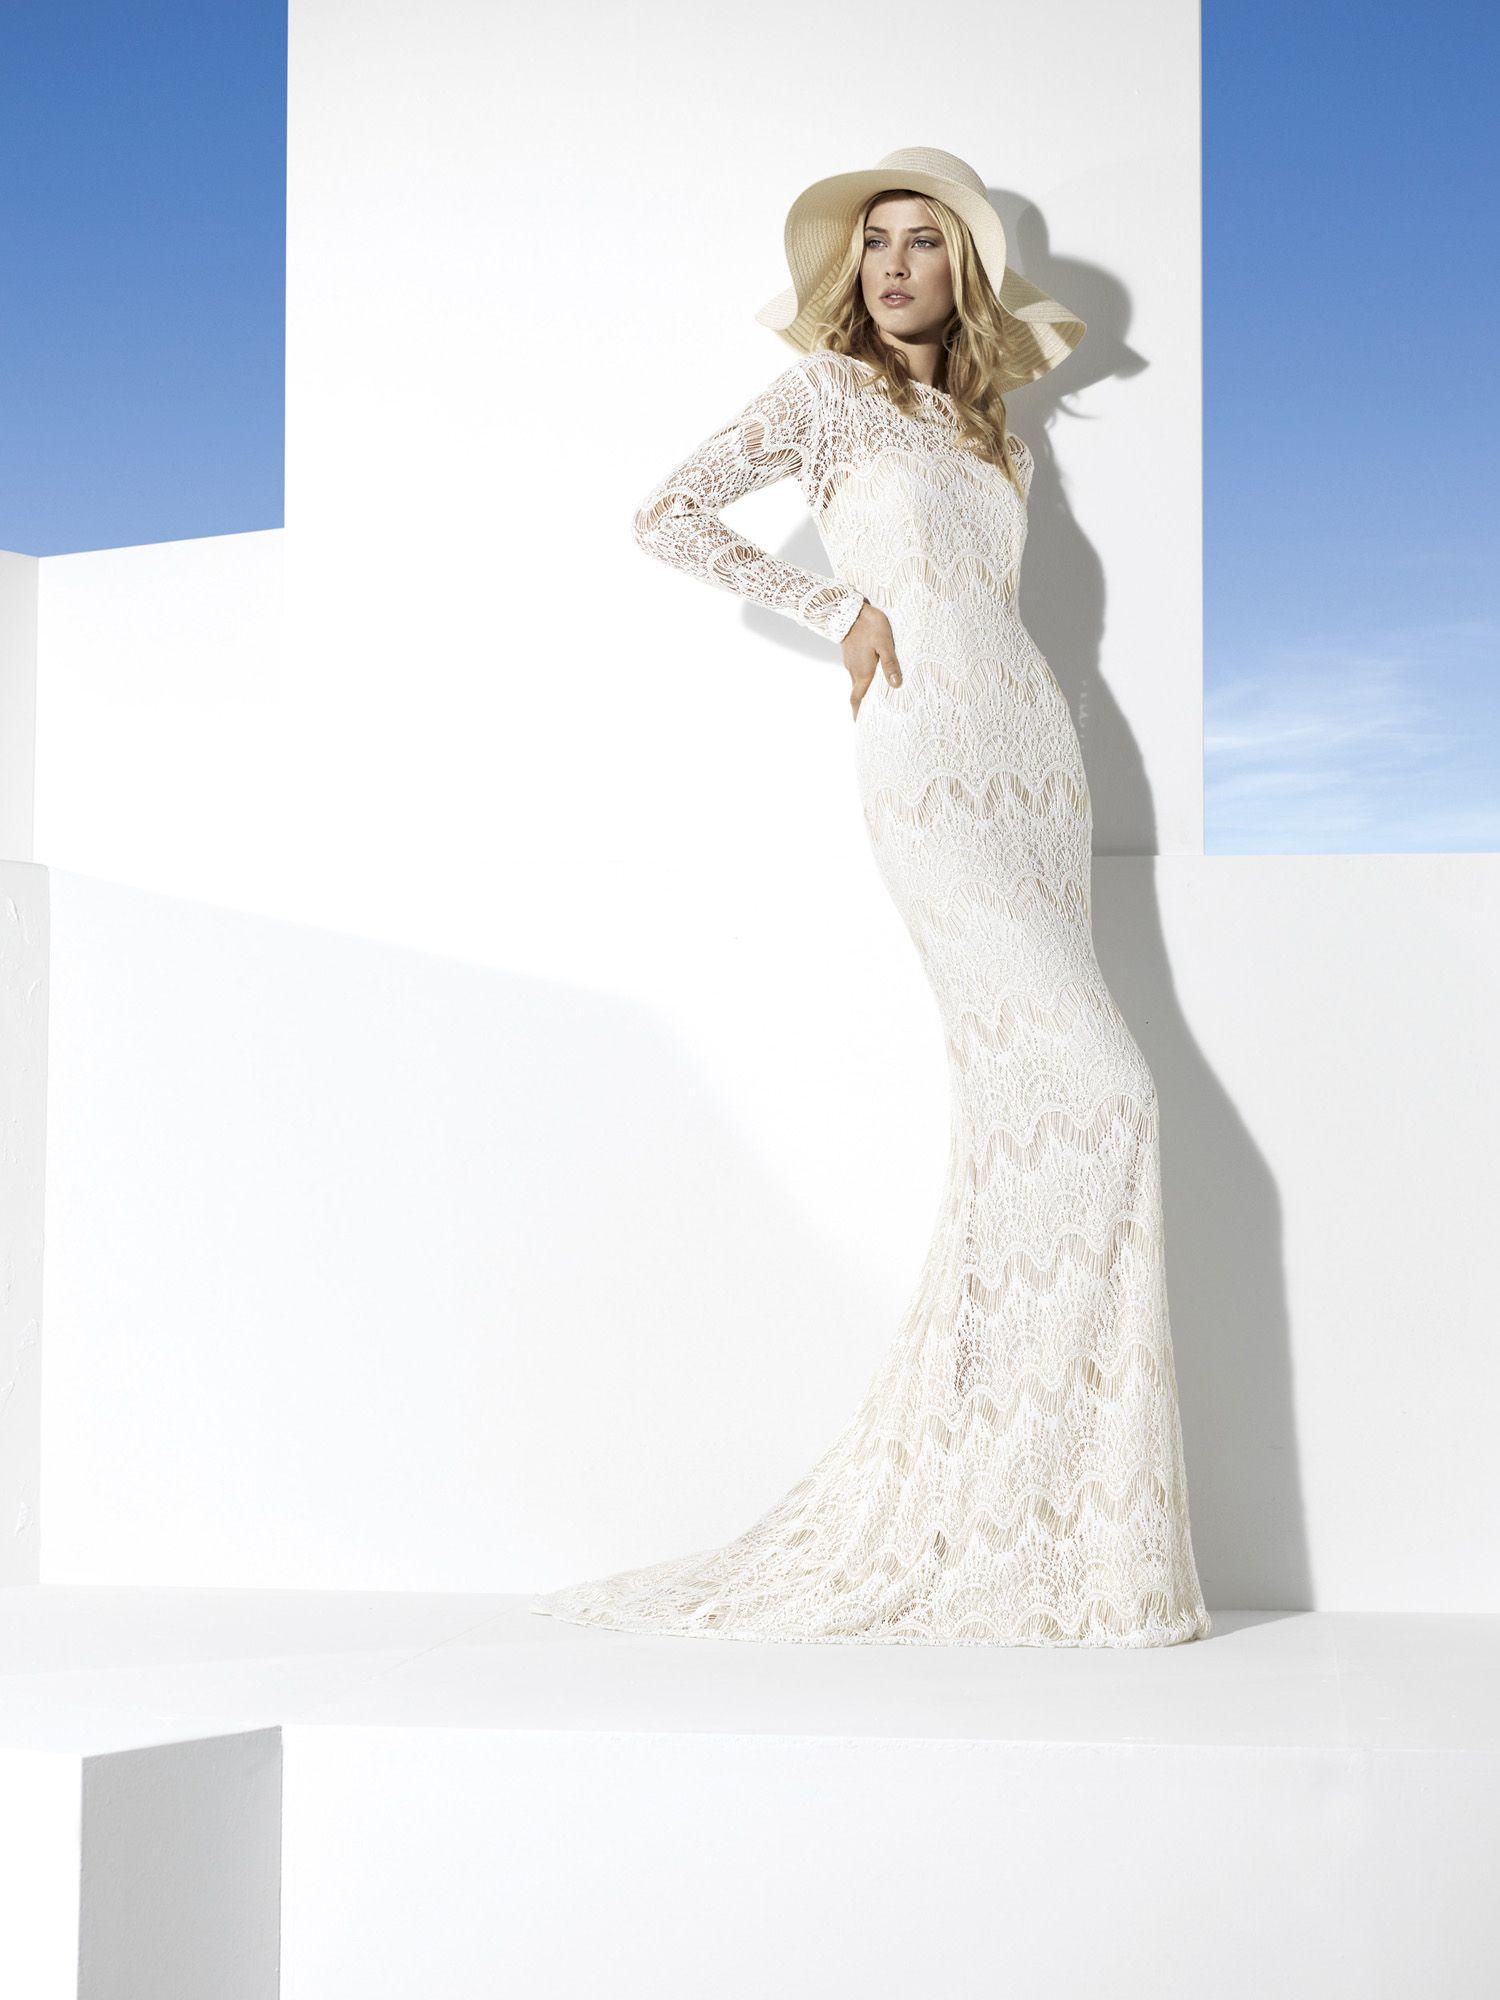 Yolancris beach boho wedding dresses tobago t h e